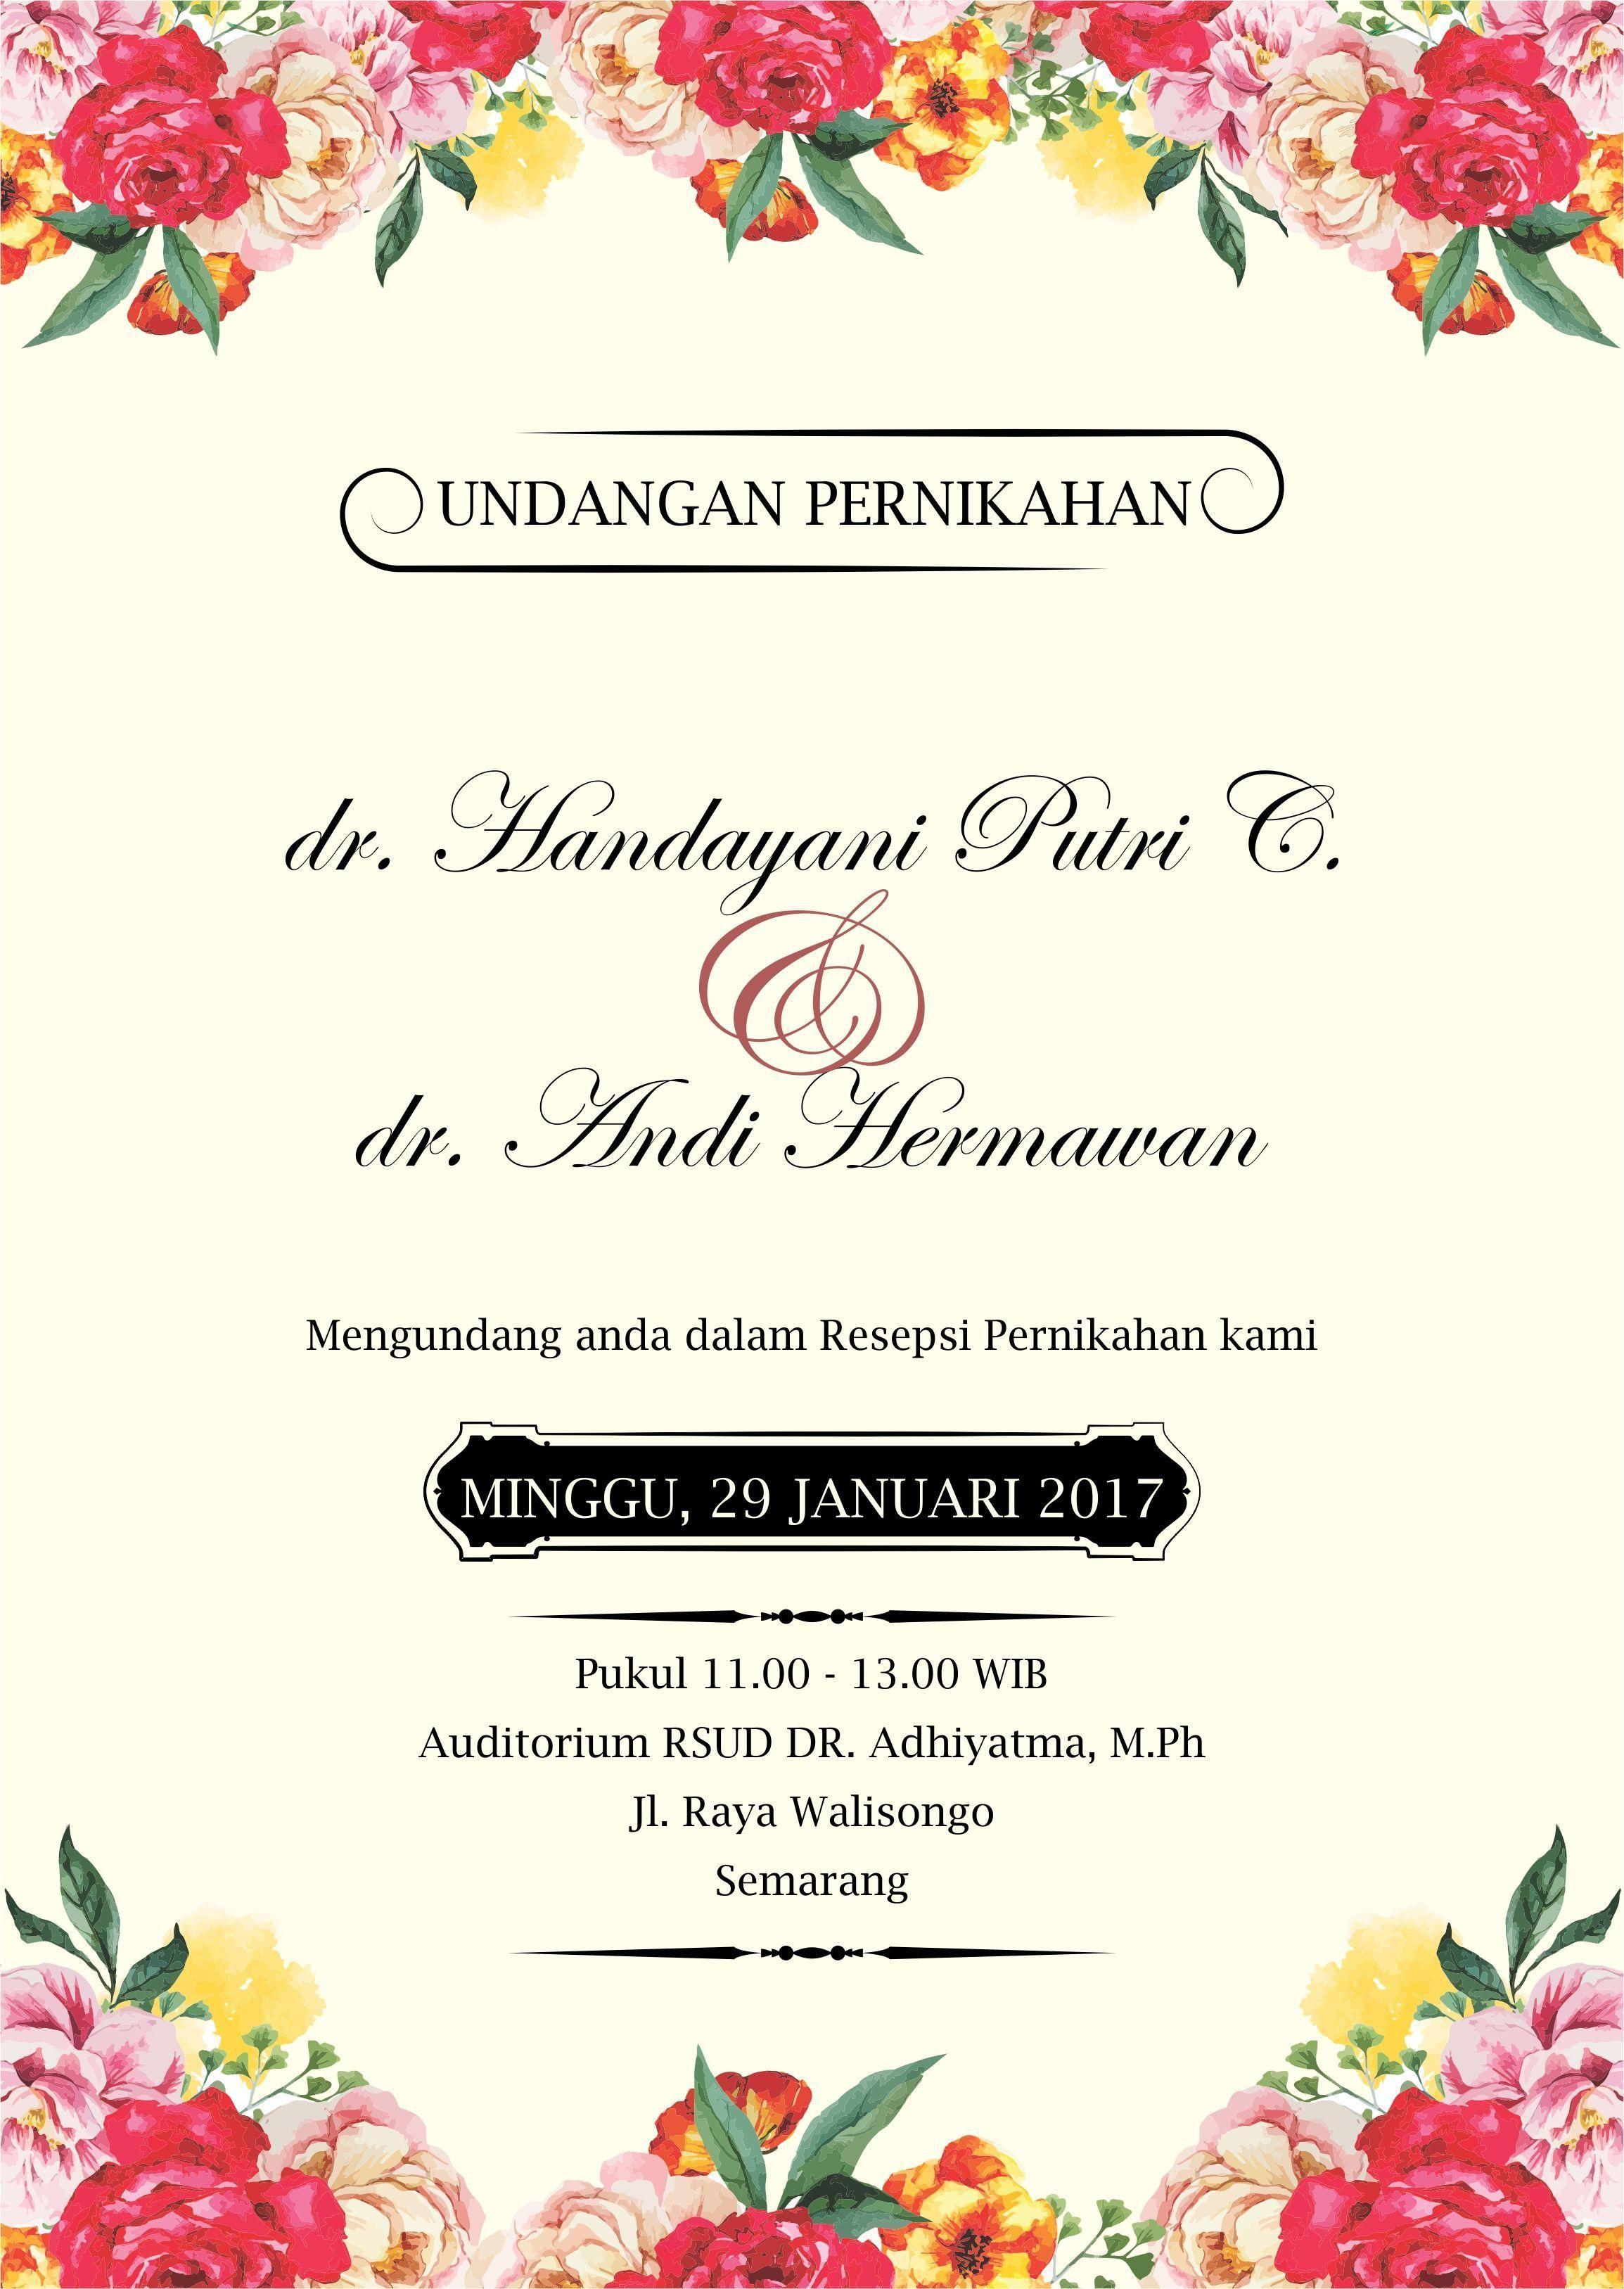 10 E Invitations Electronic Wedding Invitations E Invitation Wedding Wedding Invitation Design